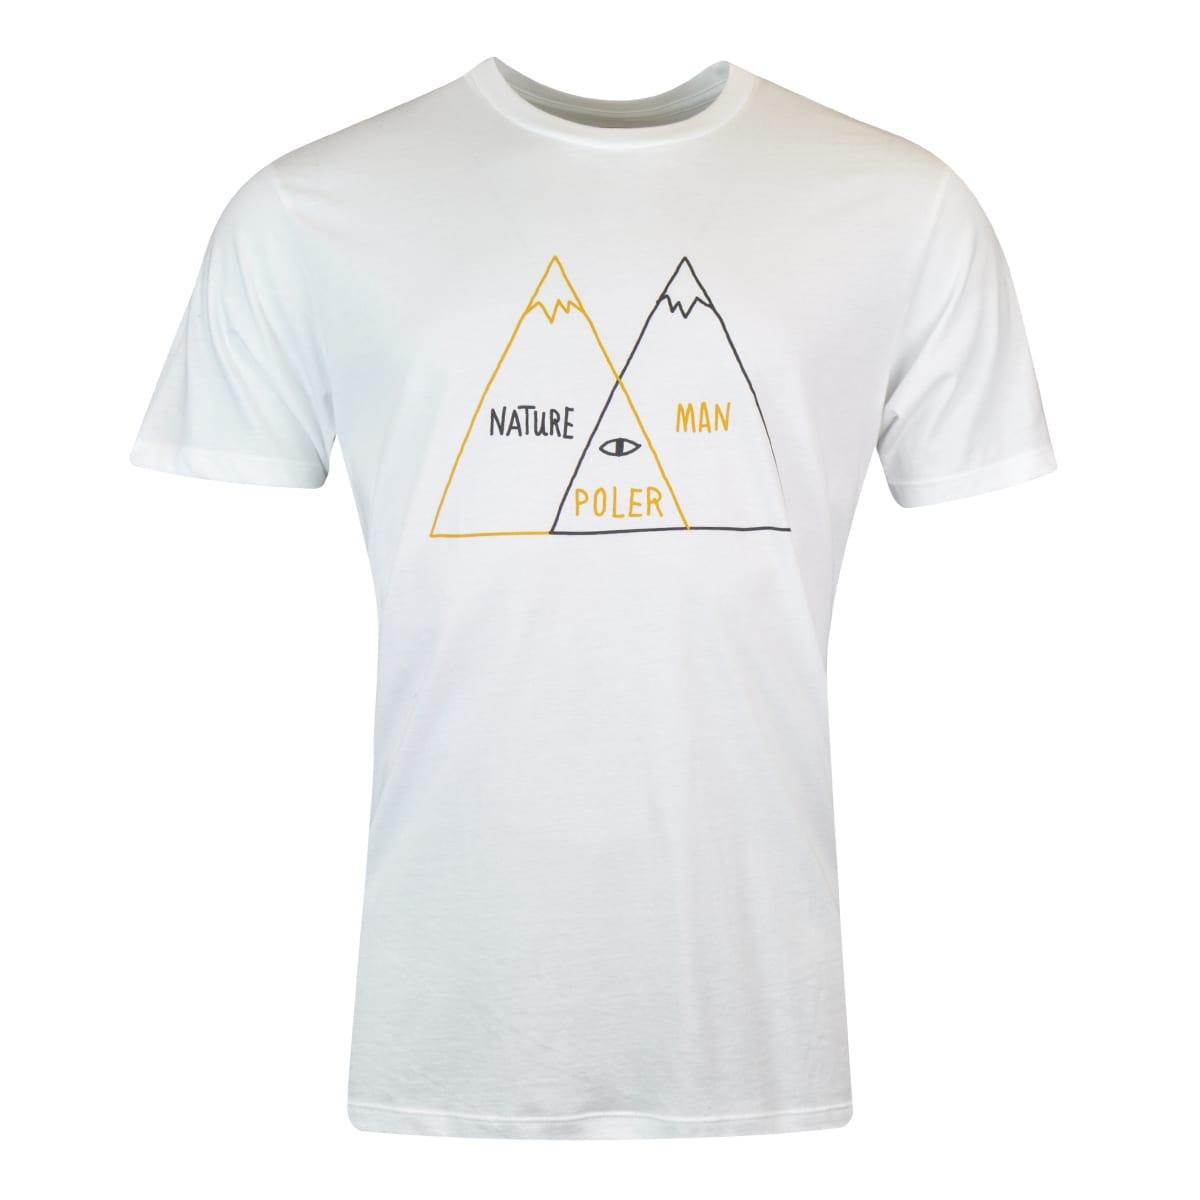 hight resolution of poler venn diagram t shirt white